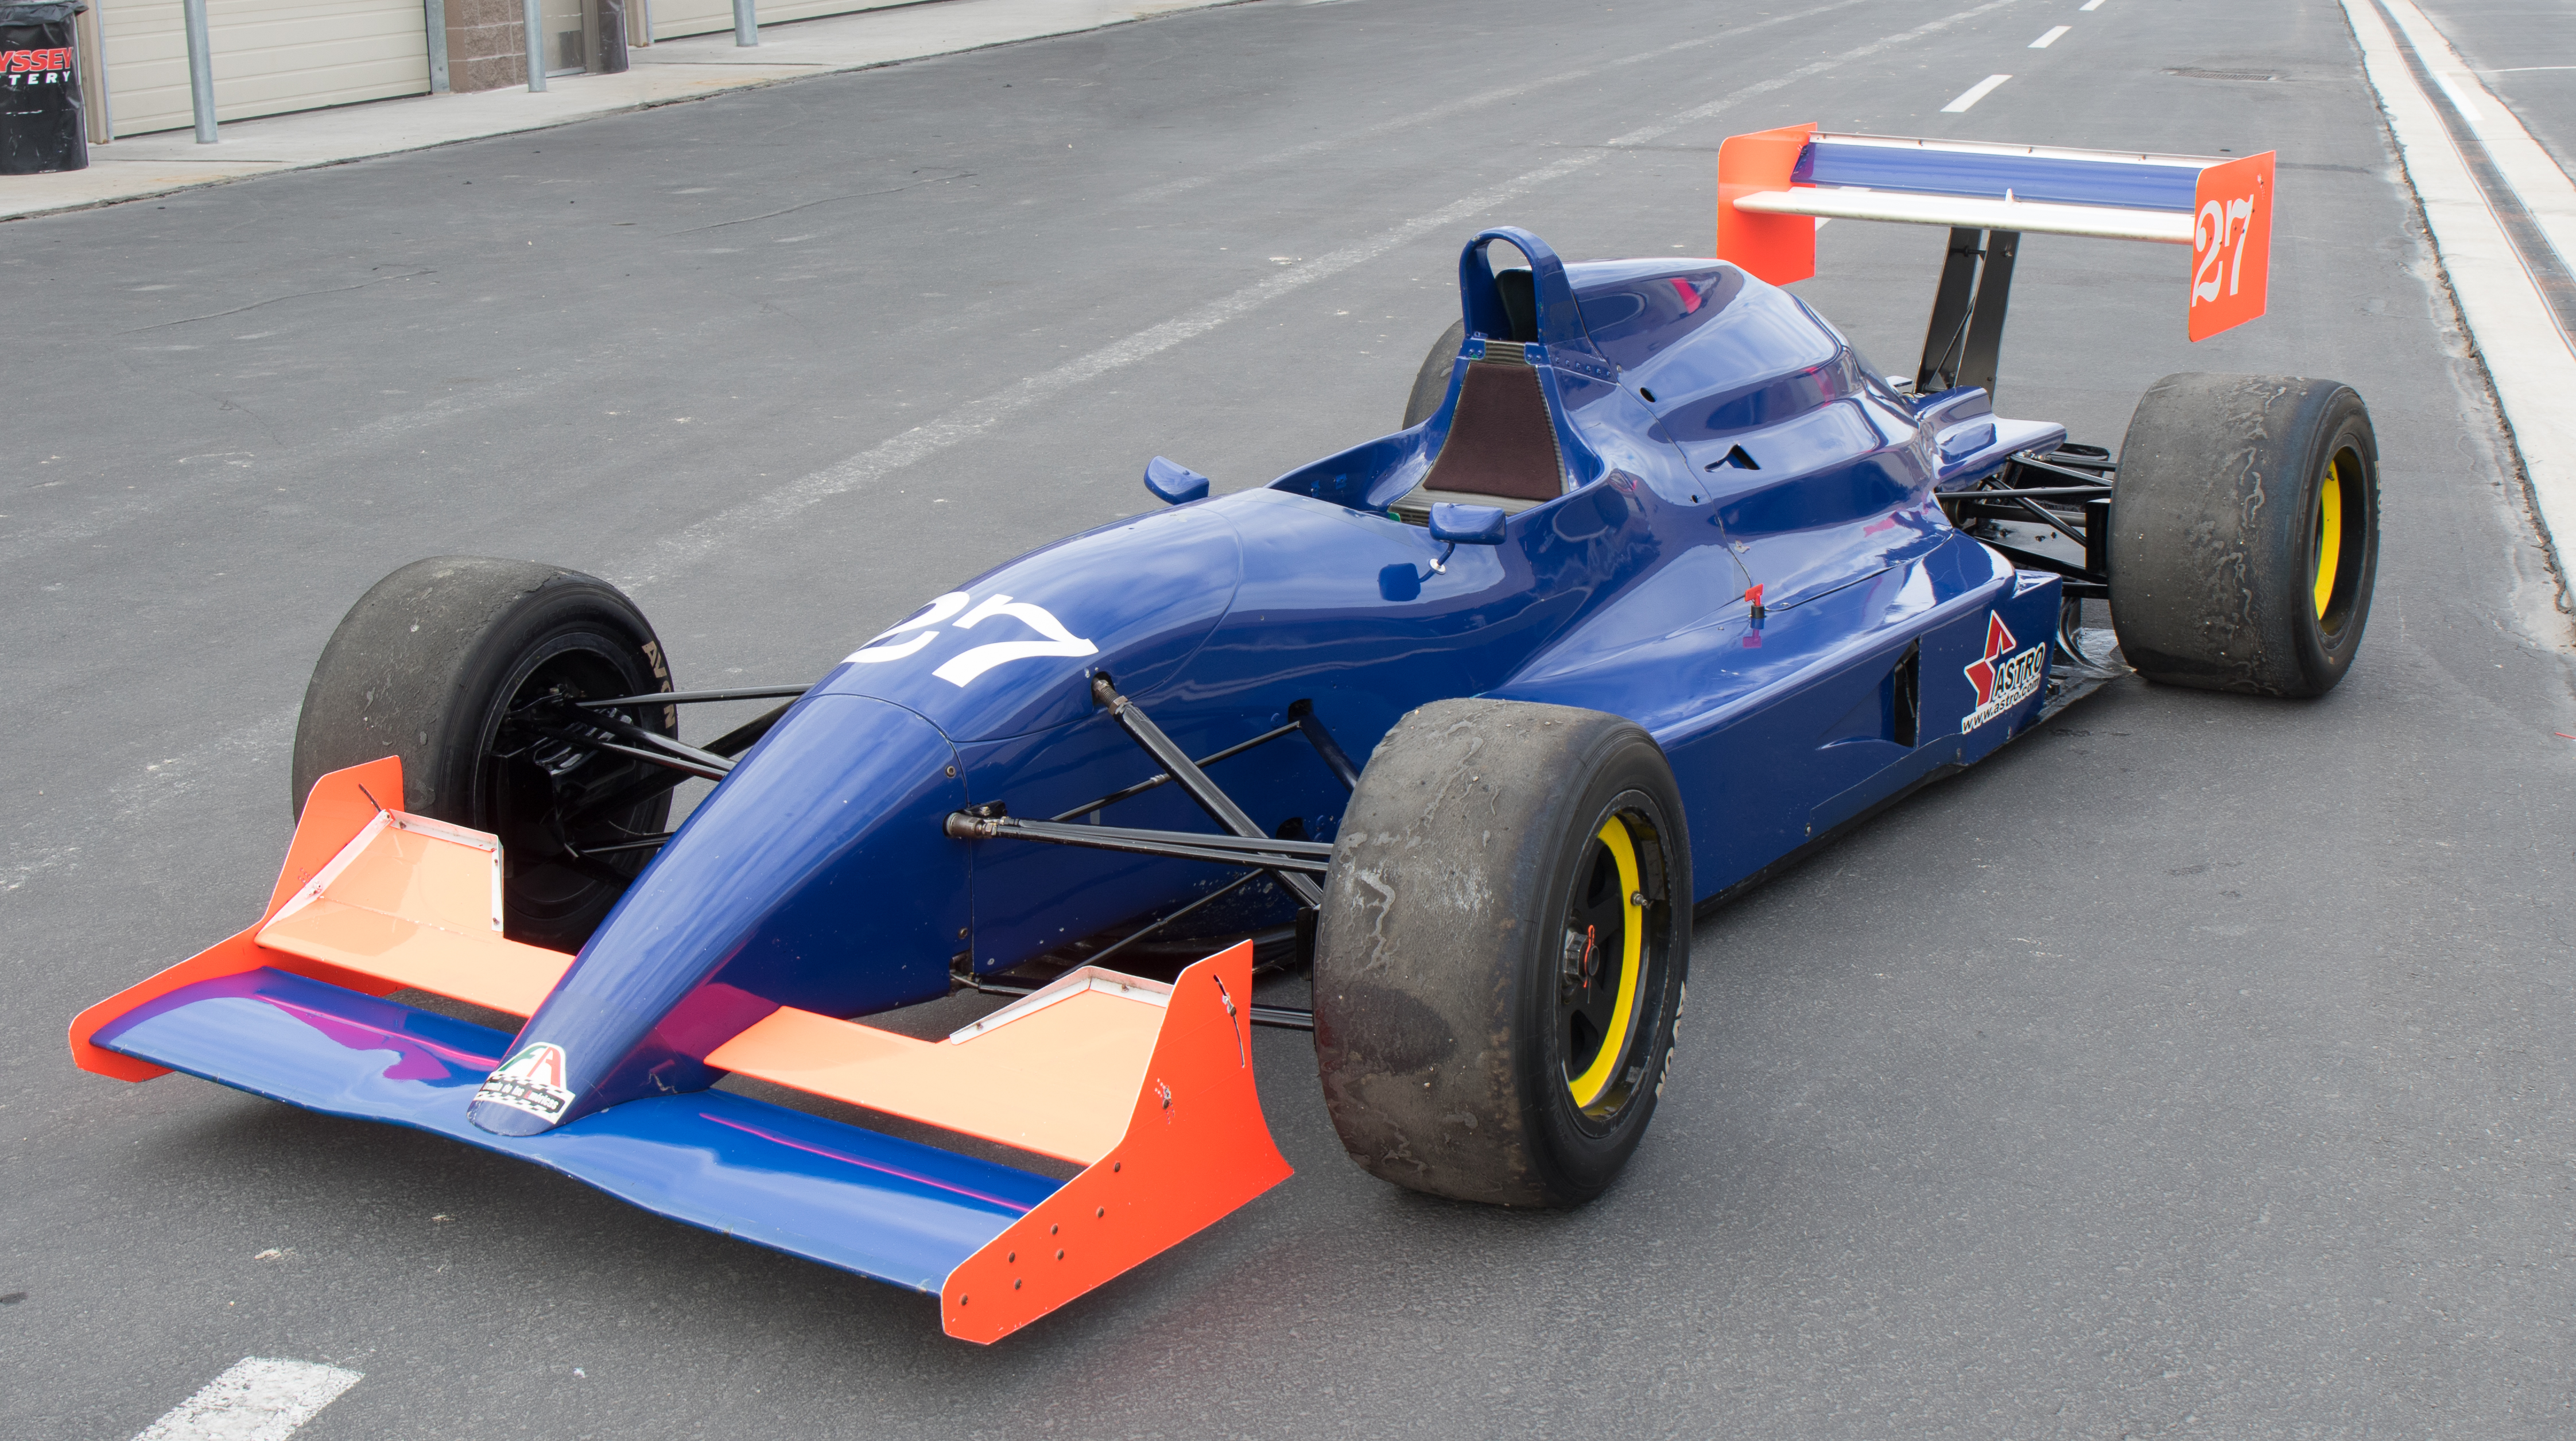 1993 Lola T9320